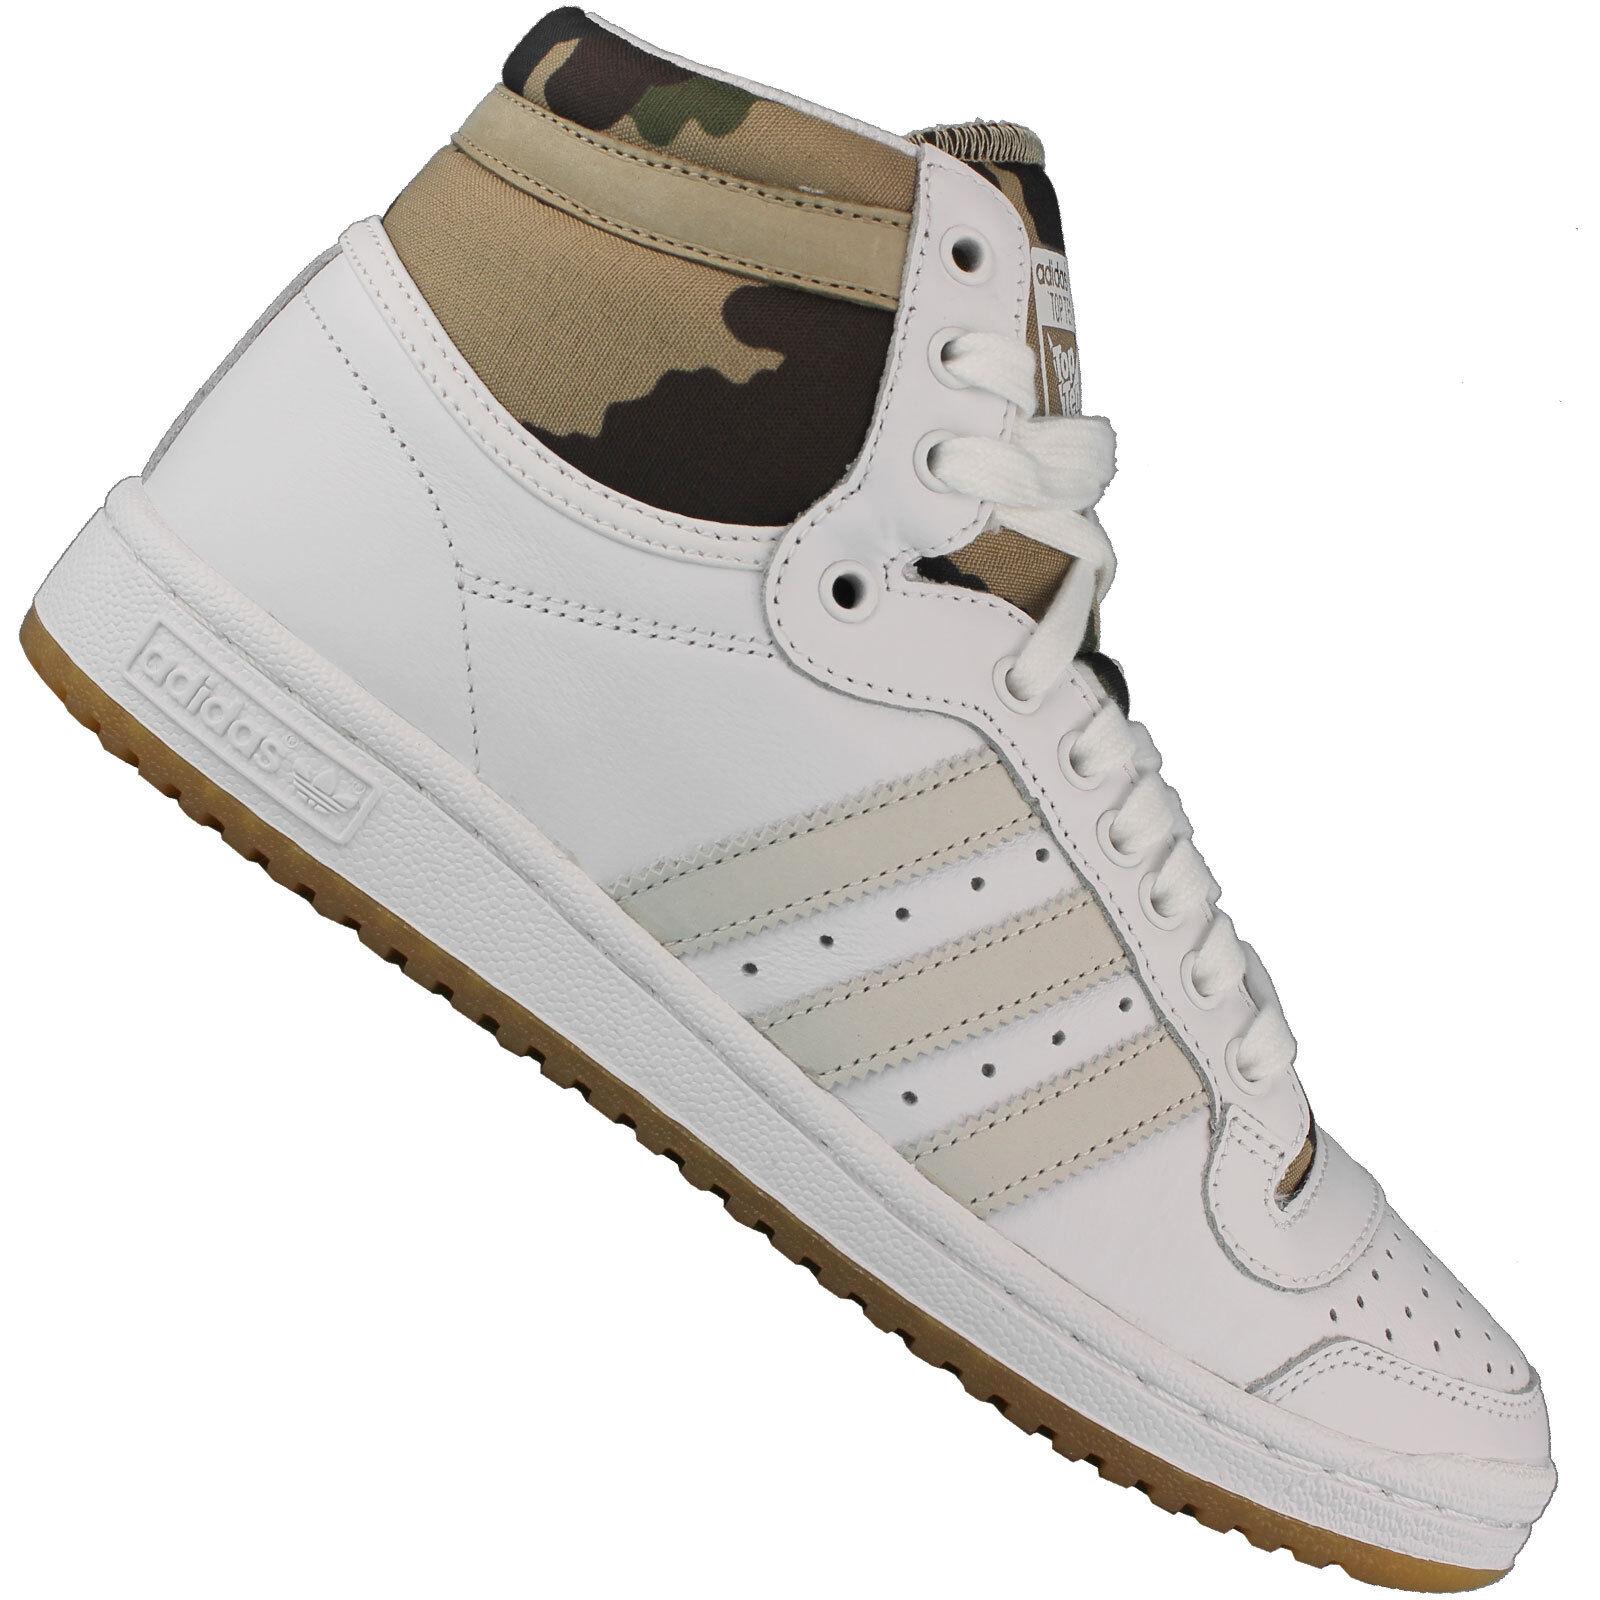 adidas Sneaker Originals Top Ten Hi Sneaker adidas Damen-Turnschuhe Lederschuhe Schuhe B35367 4b3243